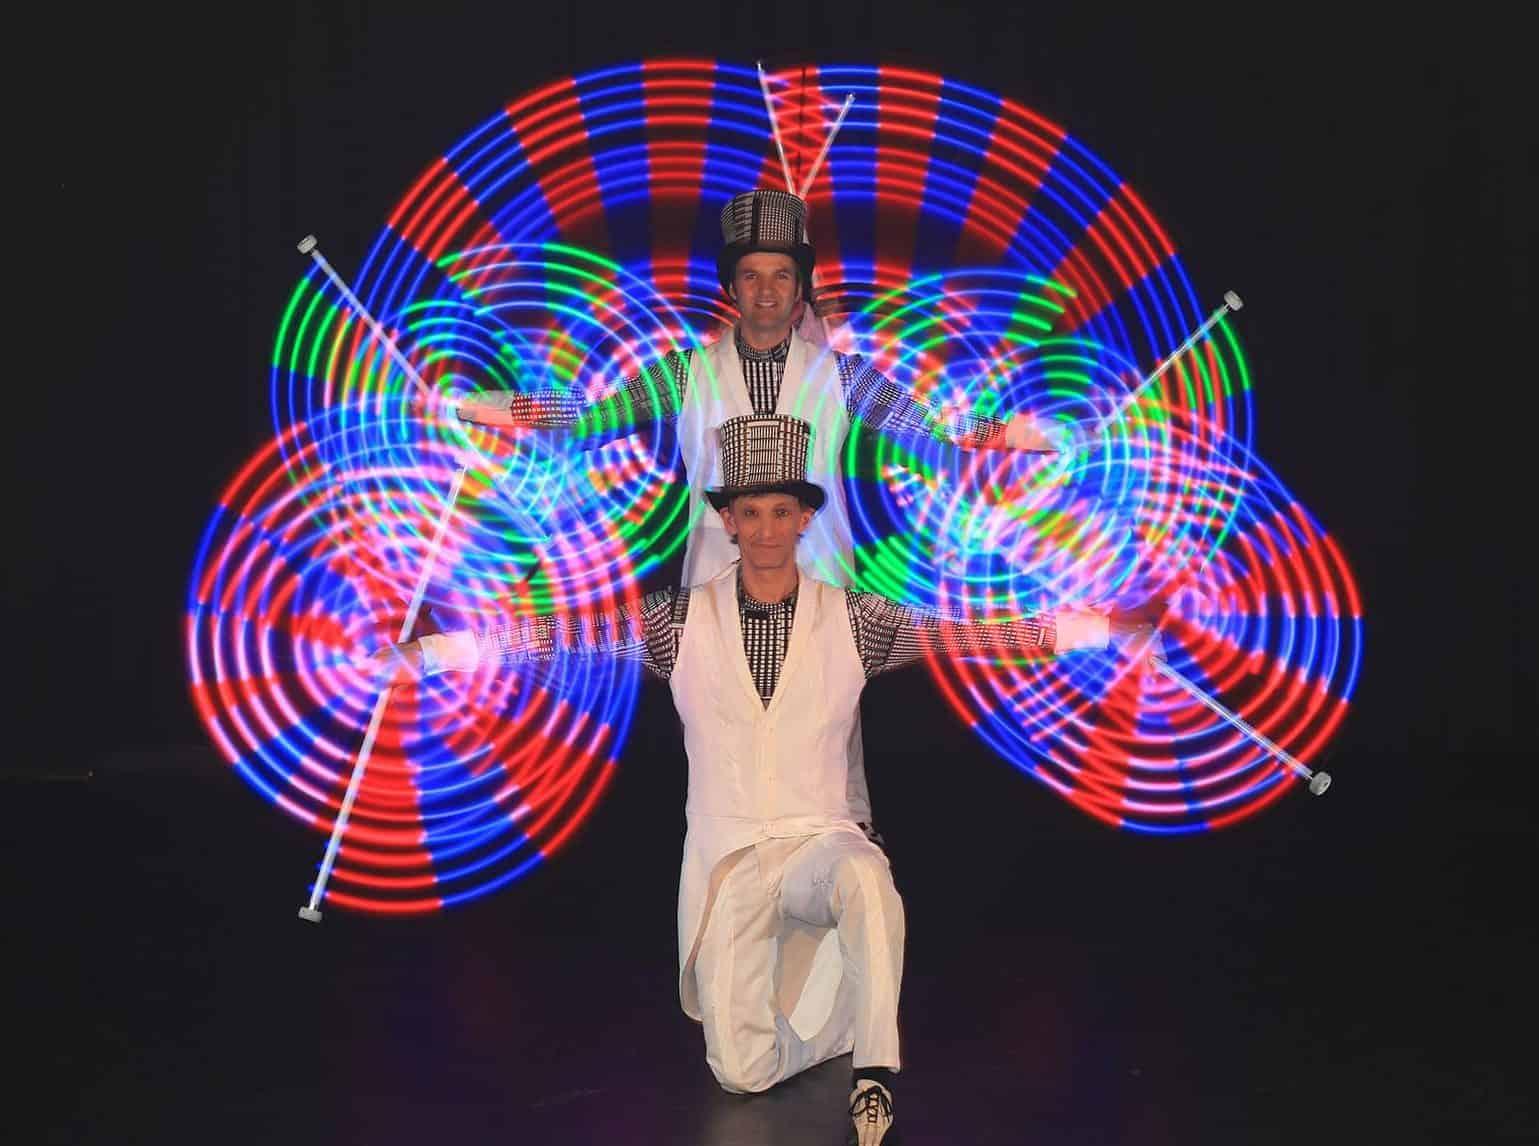 chapeau-bas-showact-glow-und-led-10